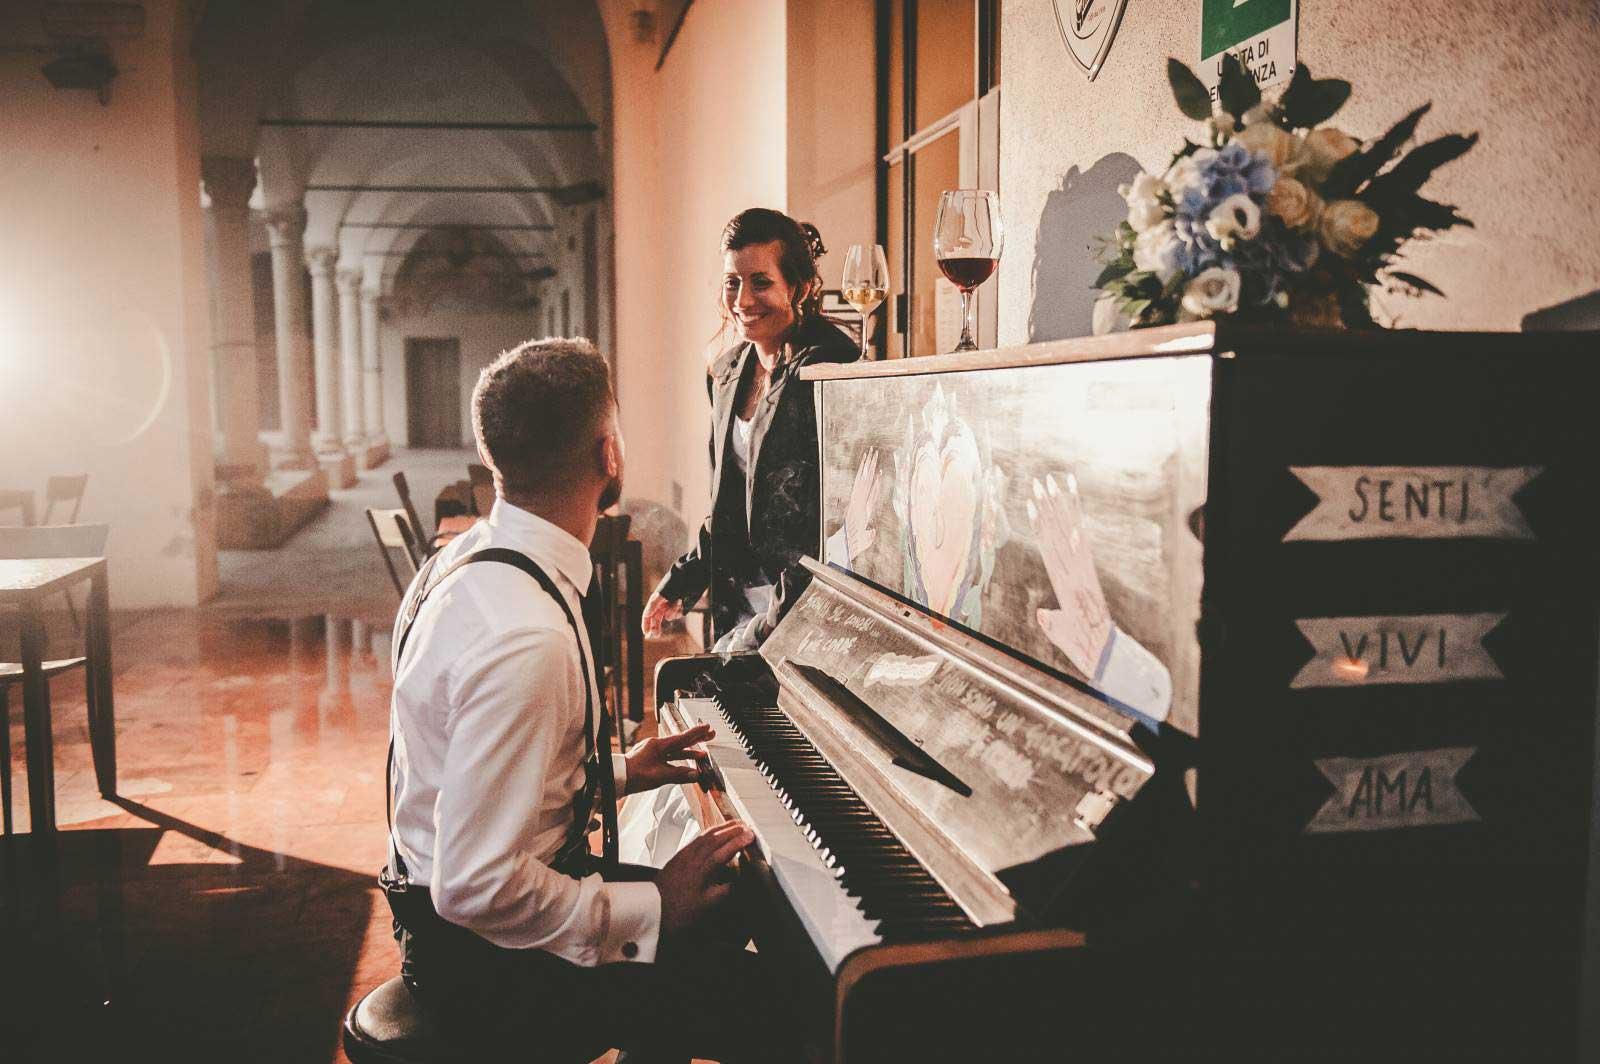 Manuela_e_Matteo_matrimonio_01270_DSC_6124